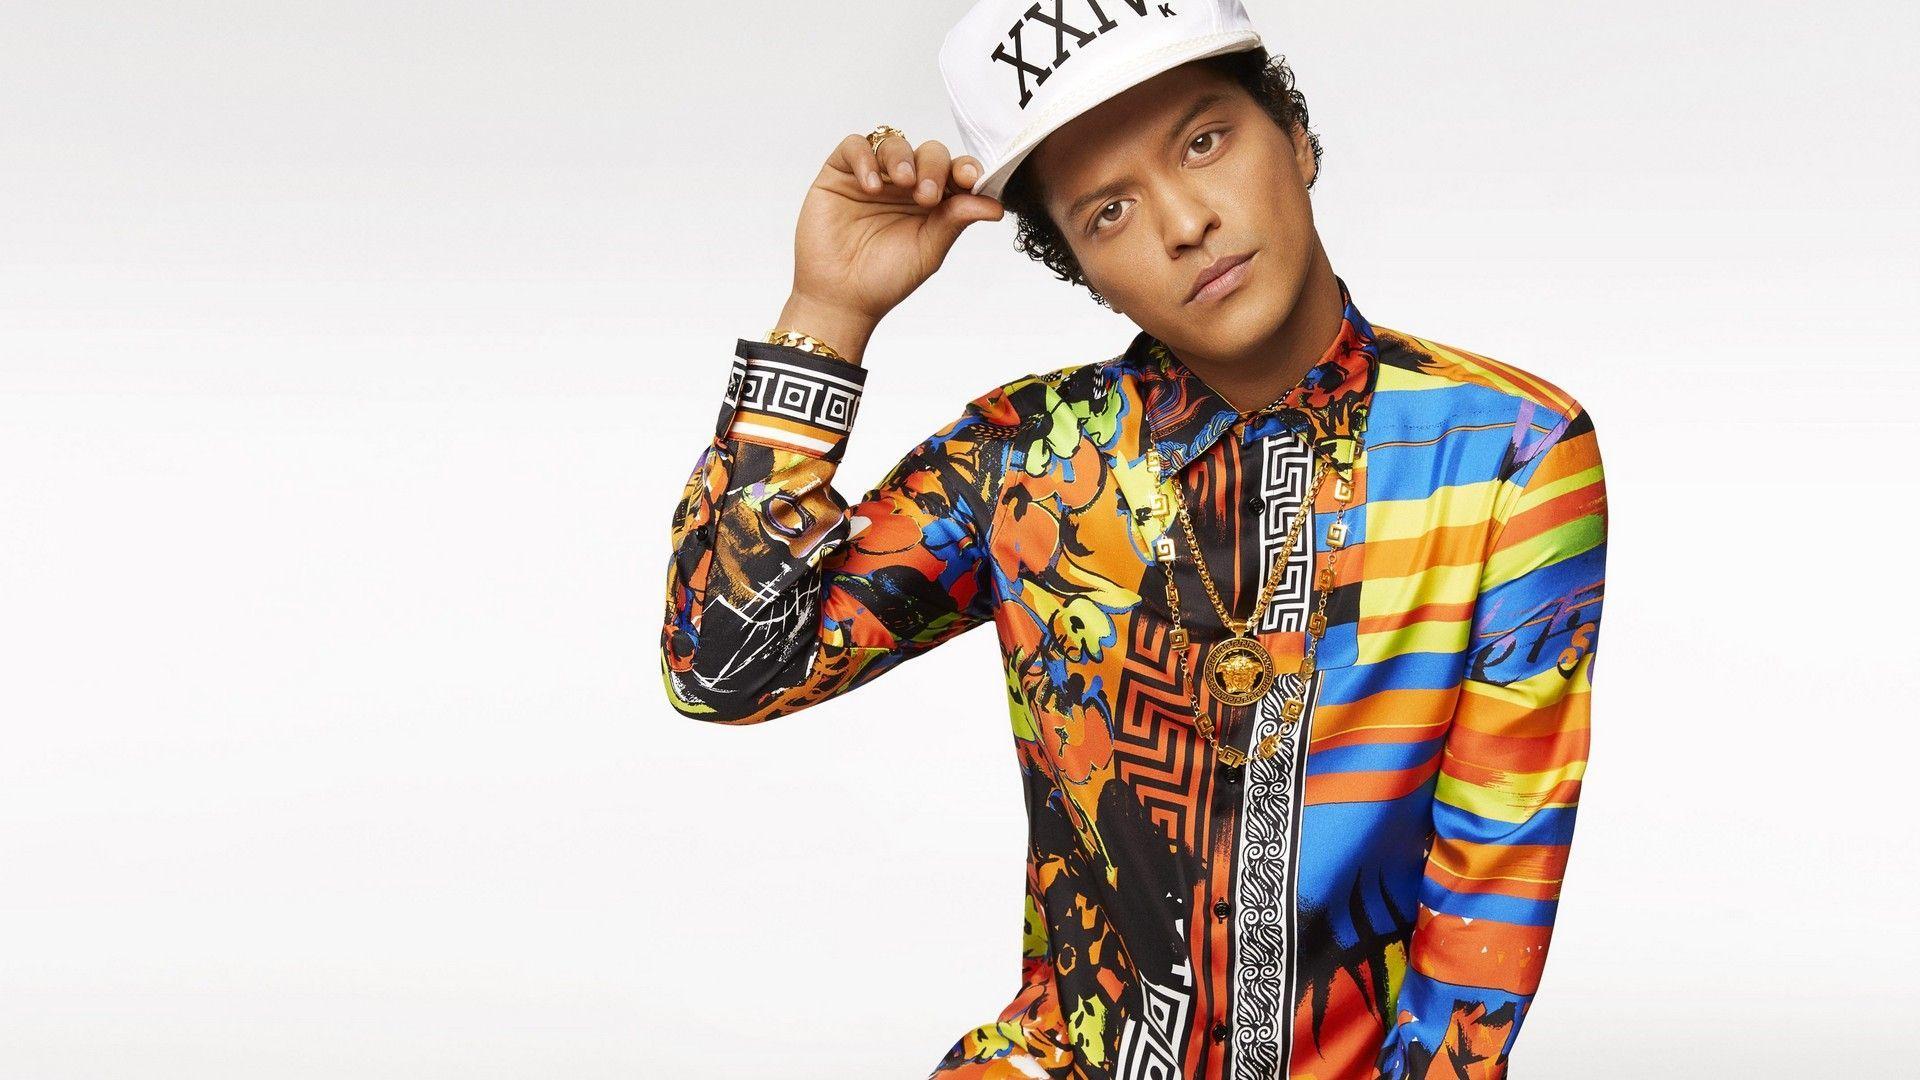 Bruno Mars 24K Magic Wallpapers   Top Bruno Mars 24K Magic 1920x1080